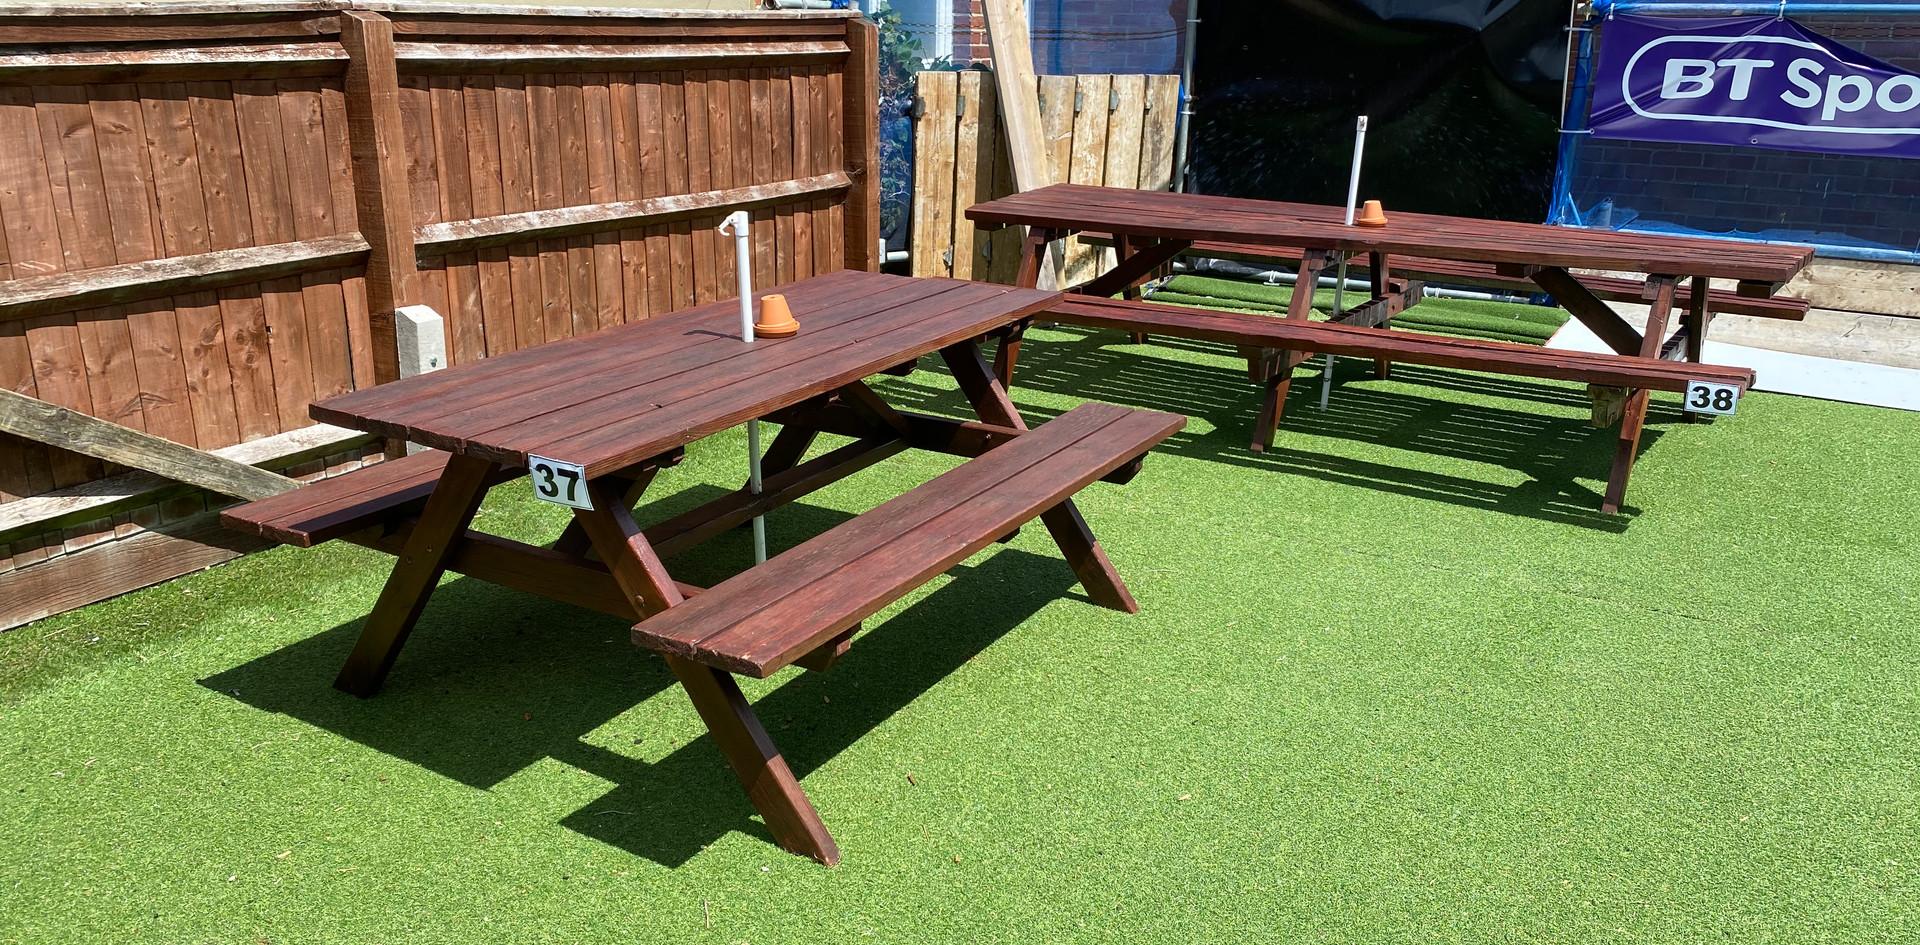 Garden tables 37 & 38